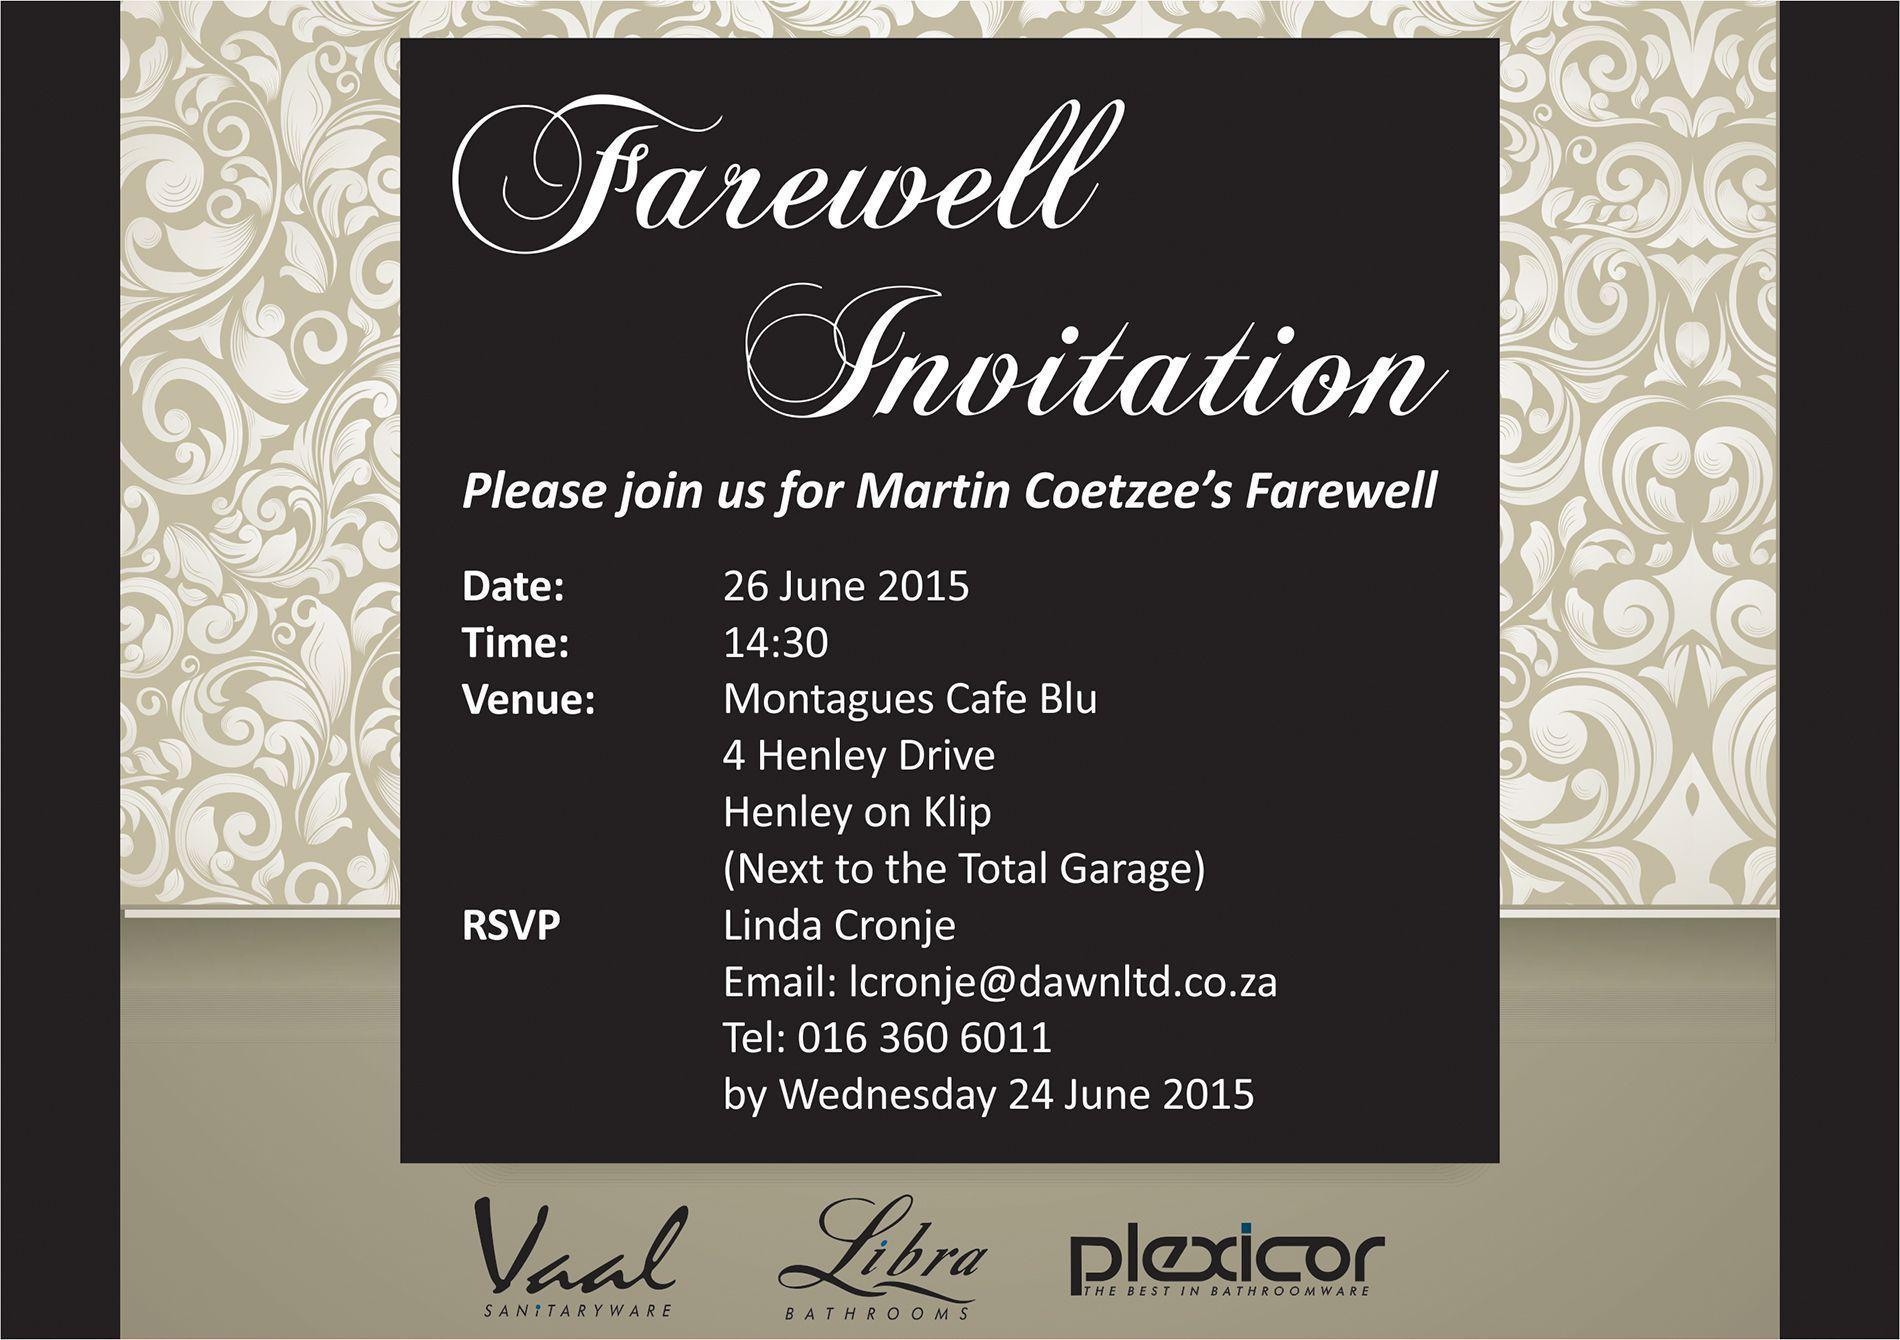 Invitation Event Card